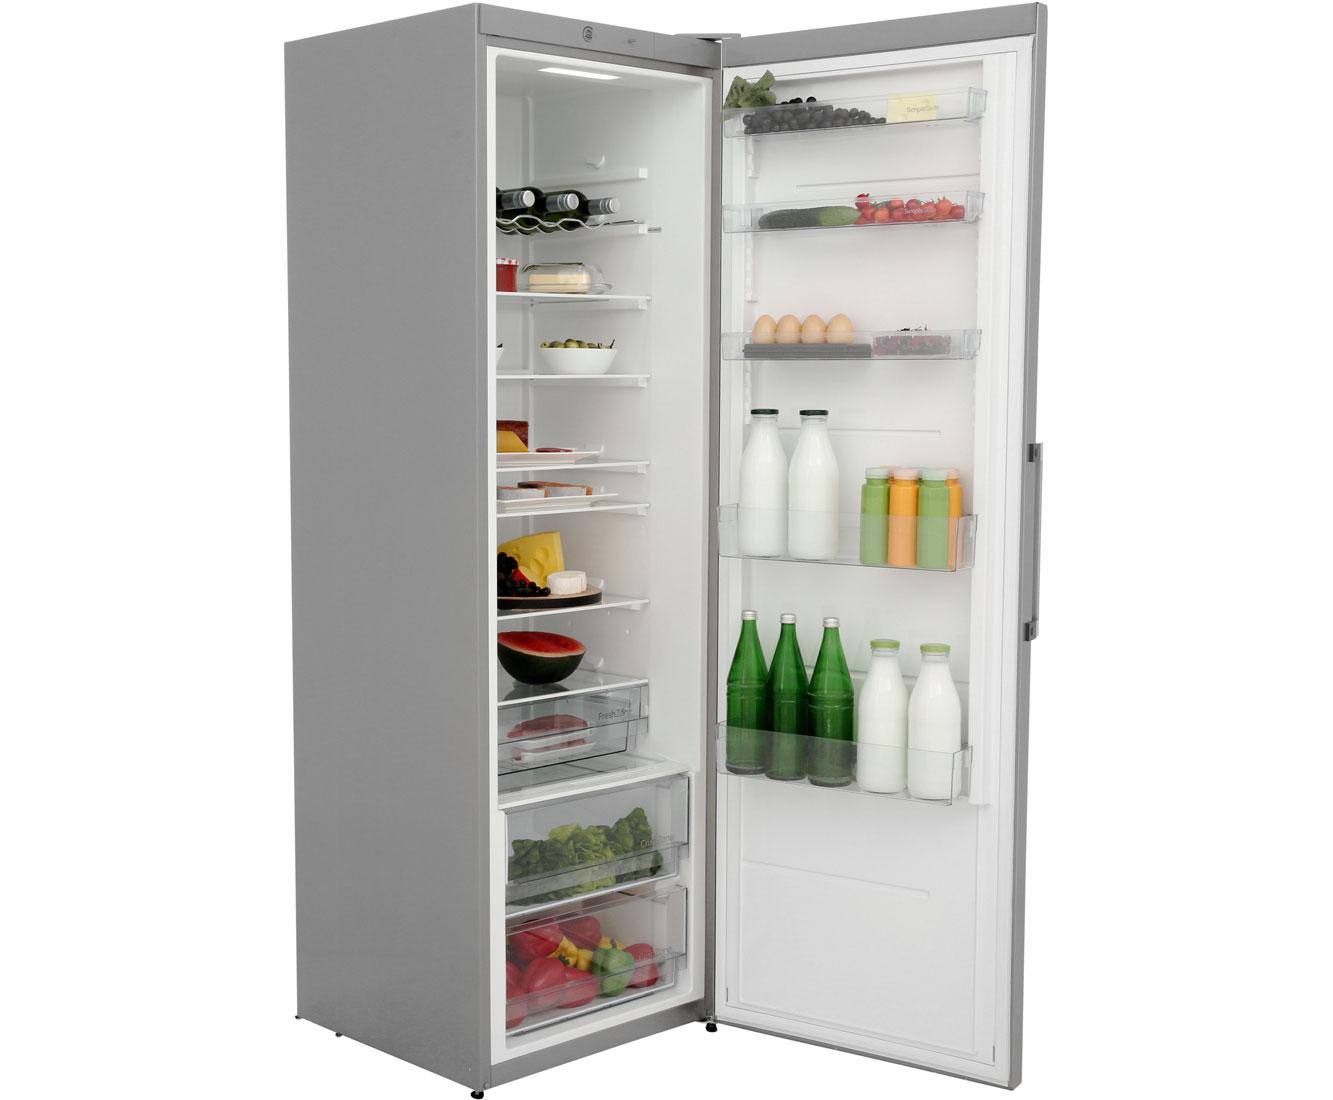 Gorenje Kühlschrank Ion Air : Gorenje r fx kühlschrank edelstahl a